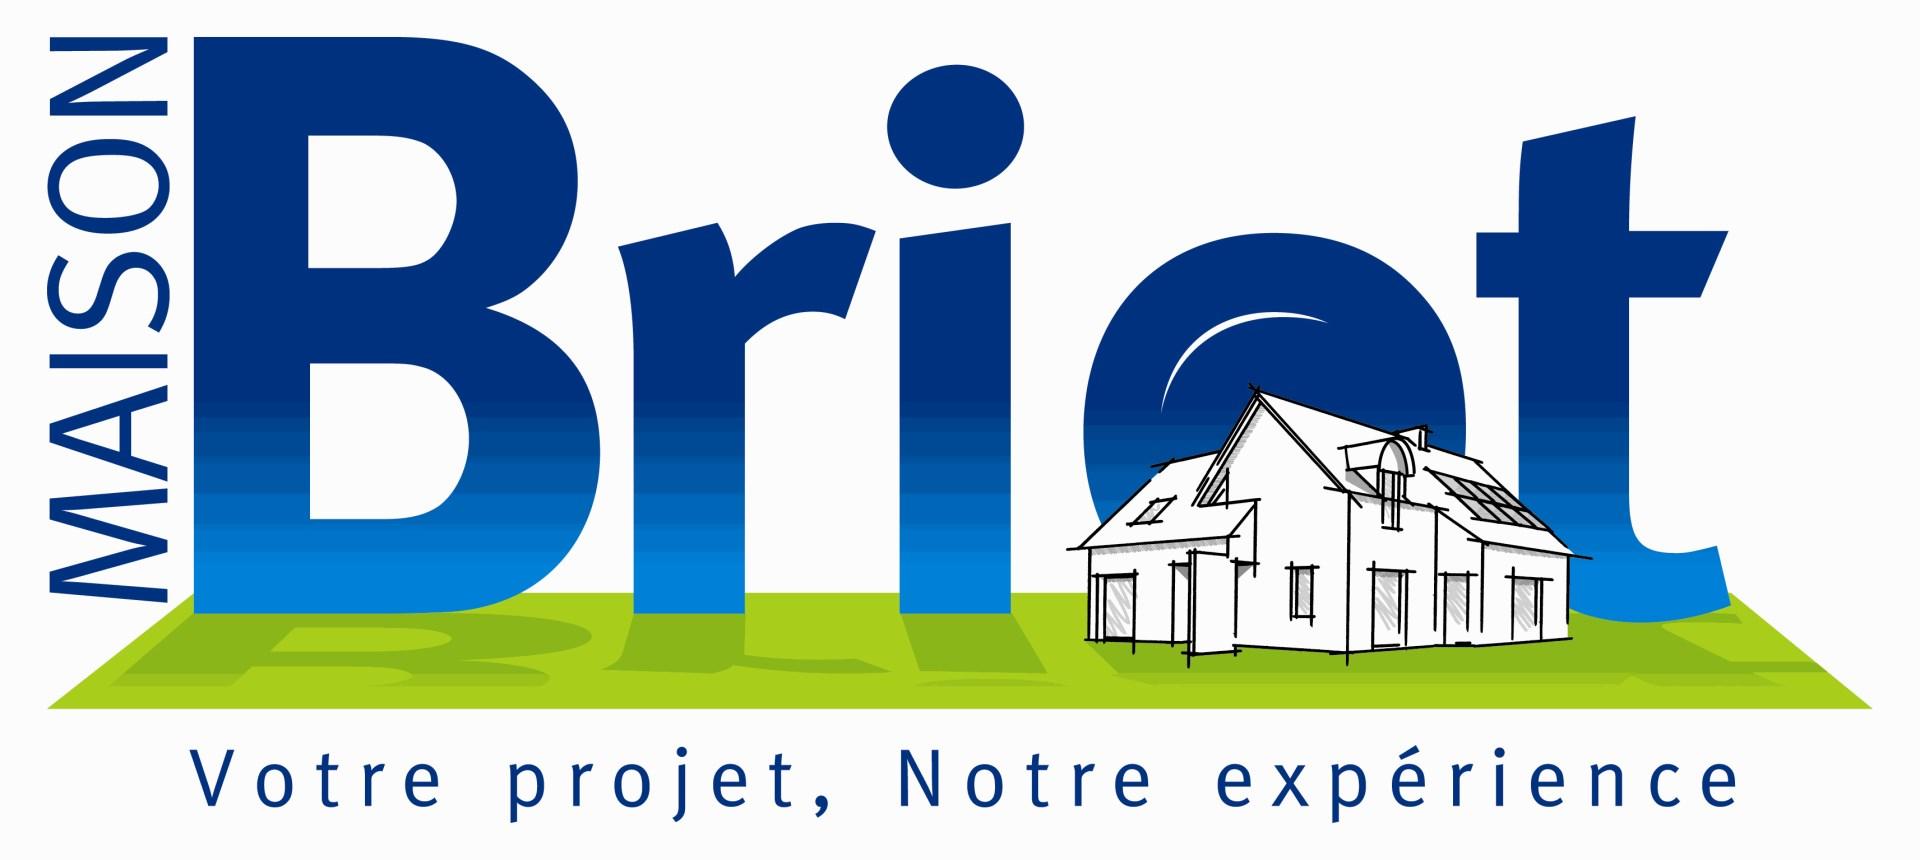 Maison Briot Saint-Nazaire